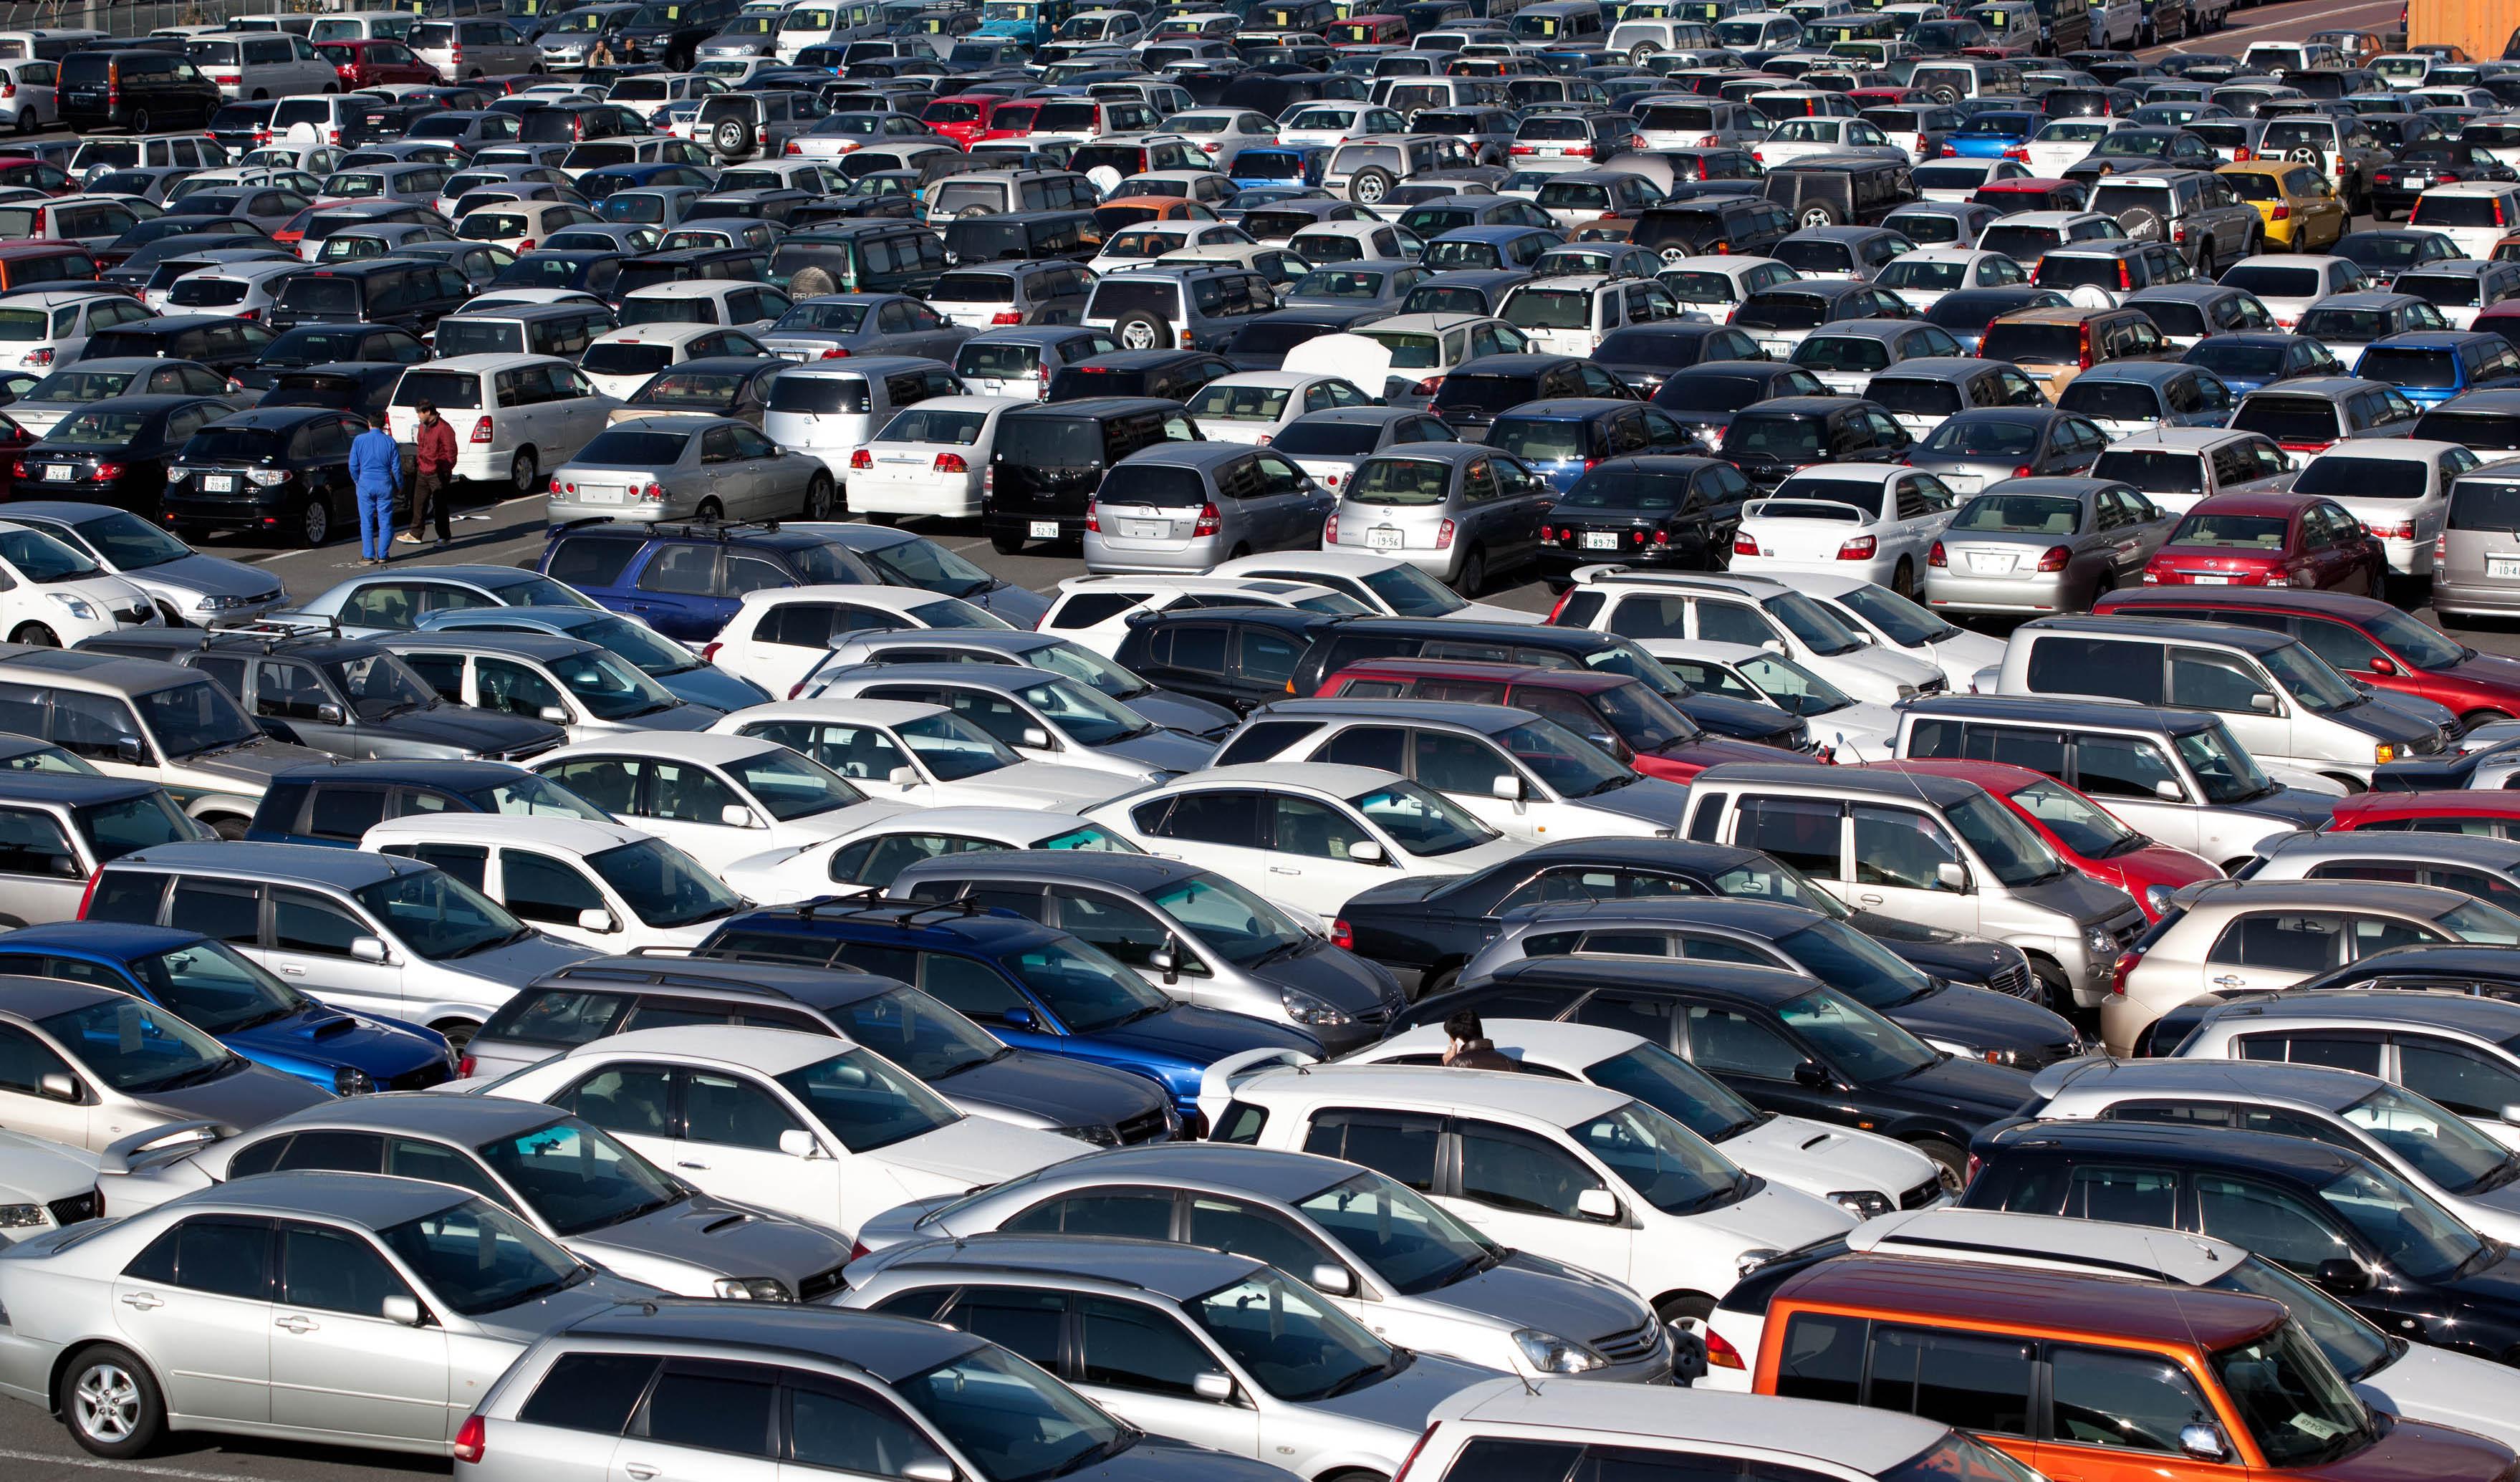 رشد یک تا 13 میلیون تومانی قیمت خودرو در بازار + نرخها